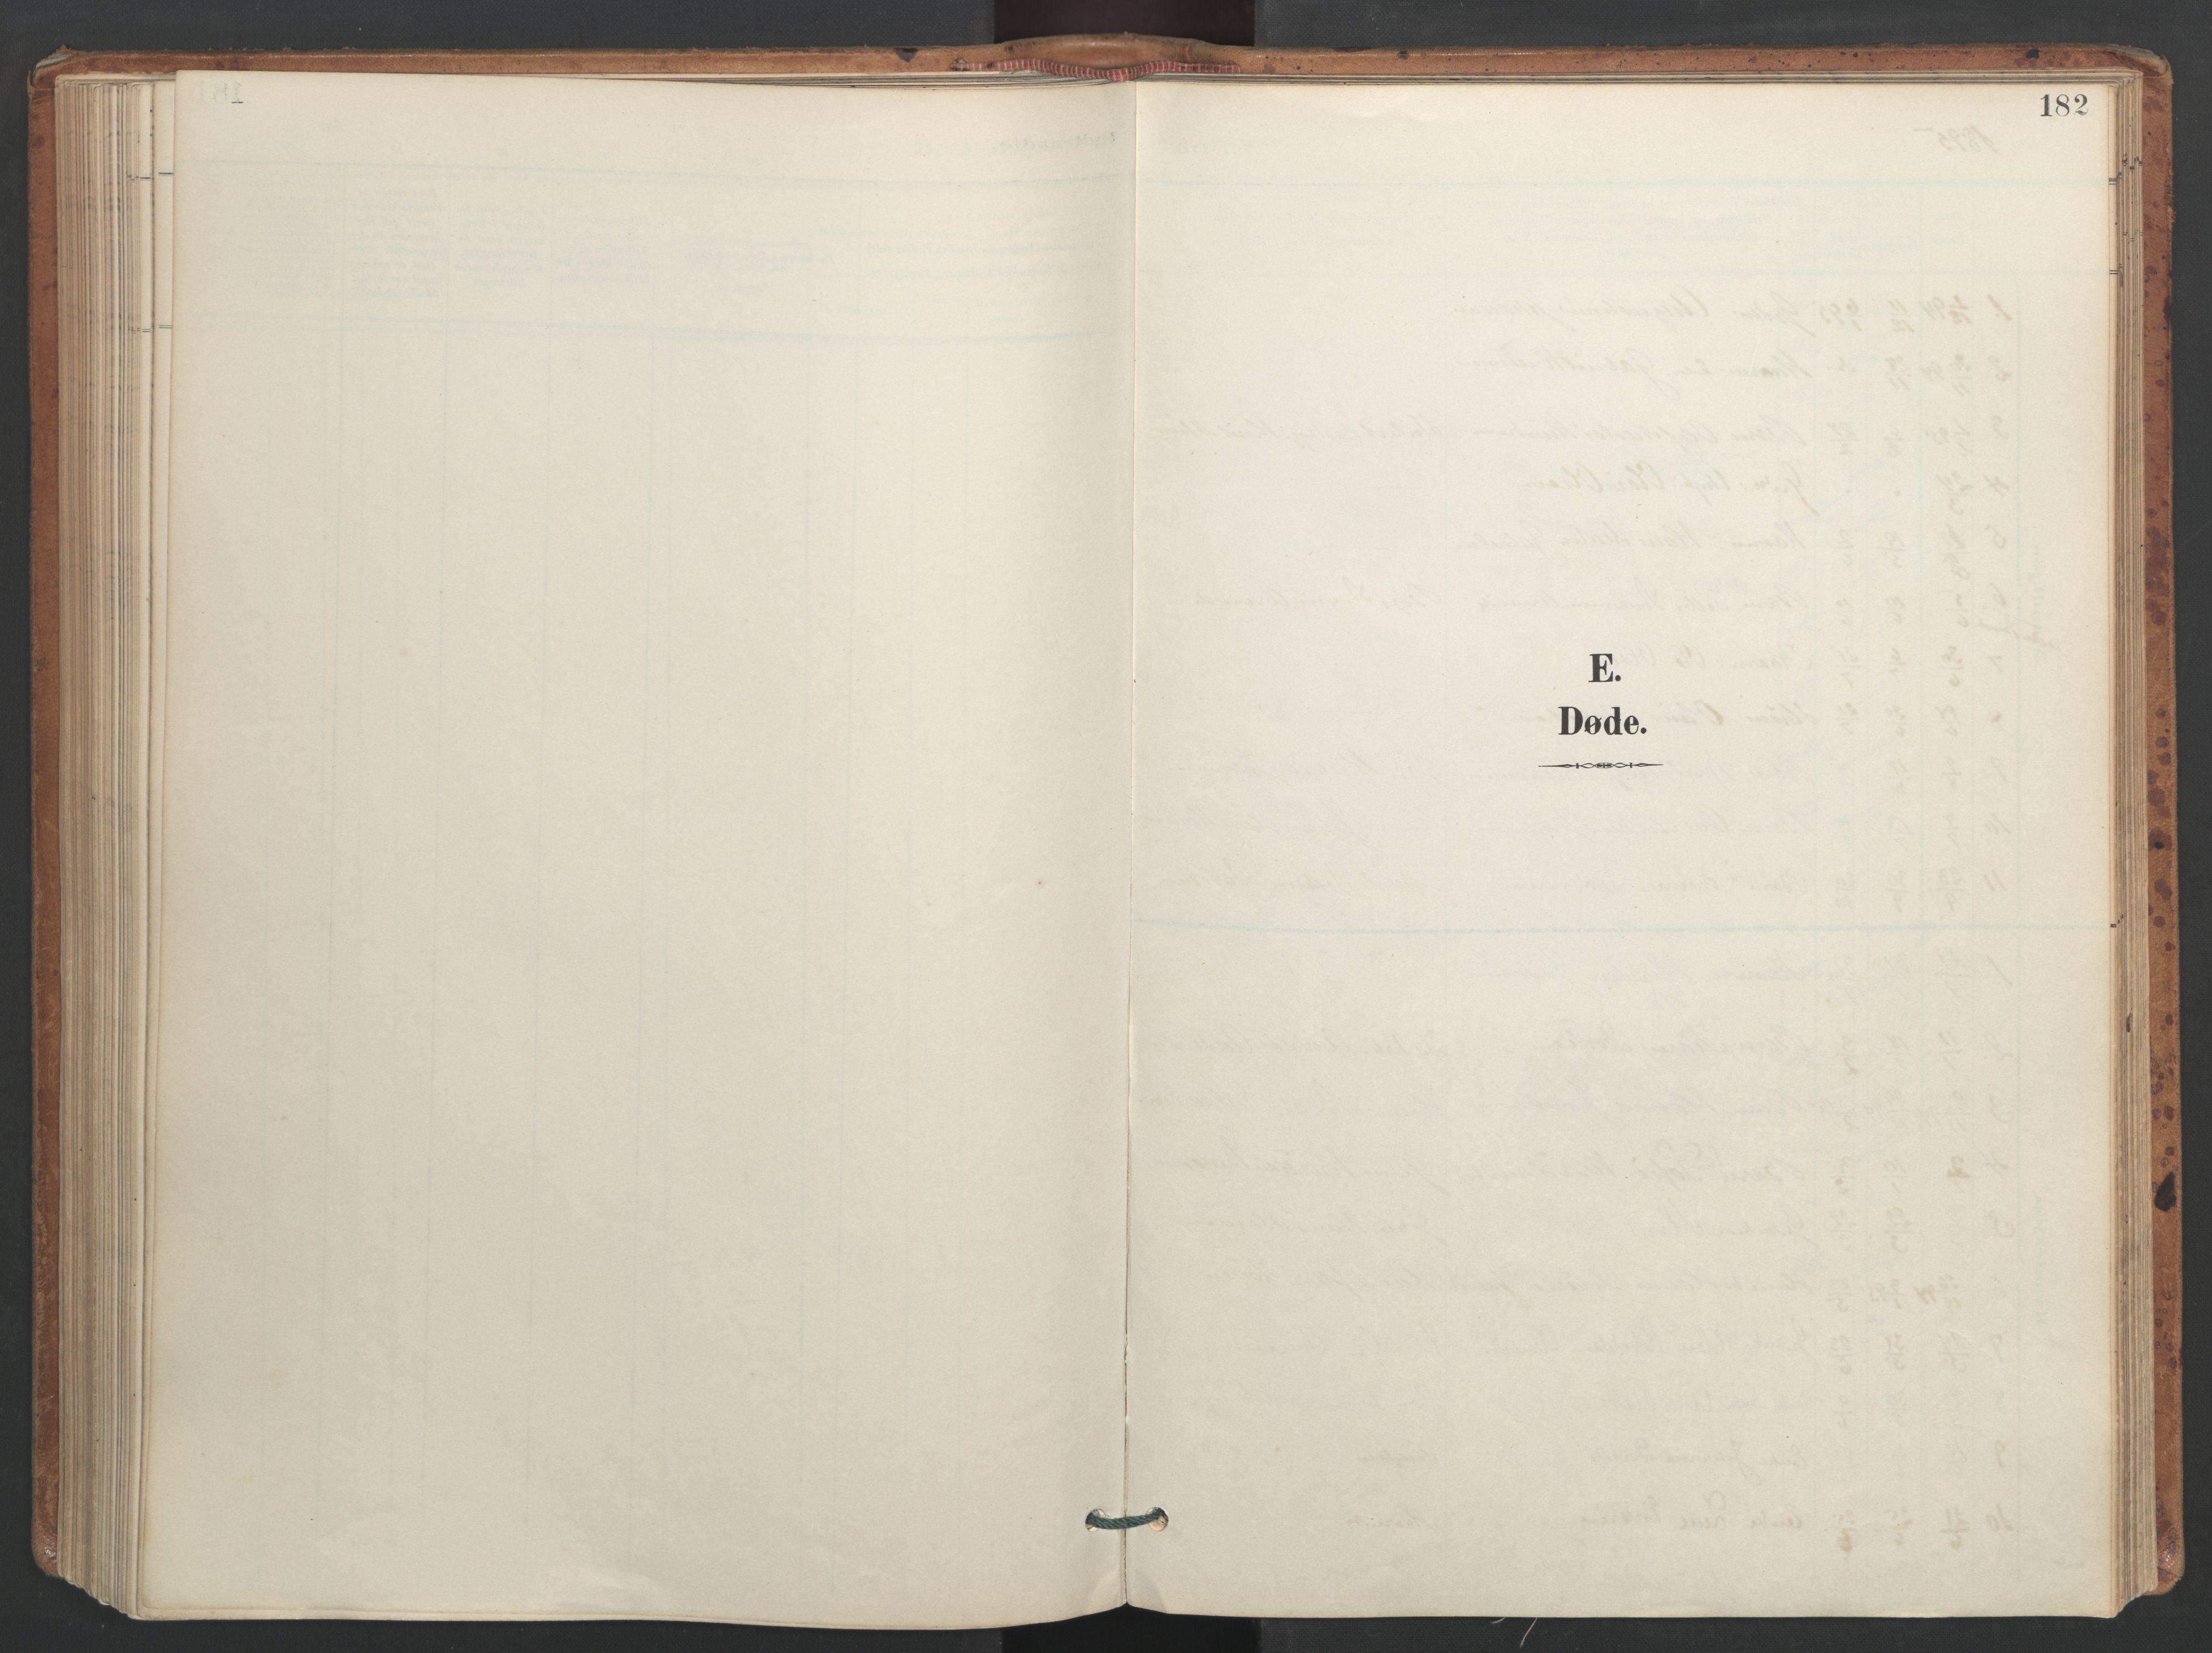 SAT, Ministerialprotokoller, klokkerbøker og fødselsregistre - Sør-Trøndelag, 655/L0681: Ministerialbok nr. 655A10, 1895-1907, s. 182